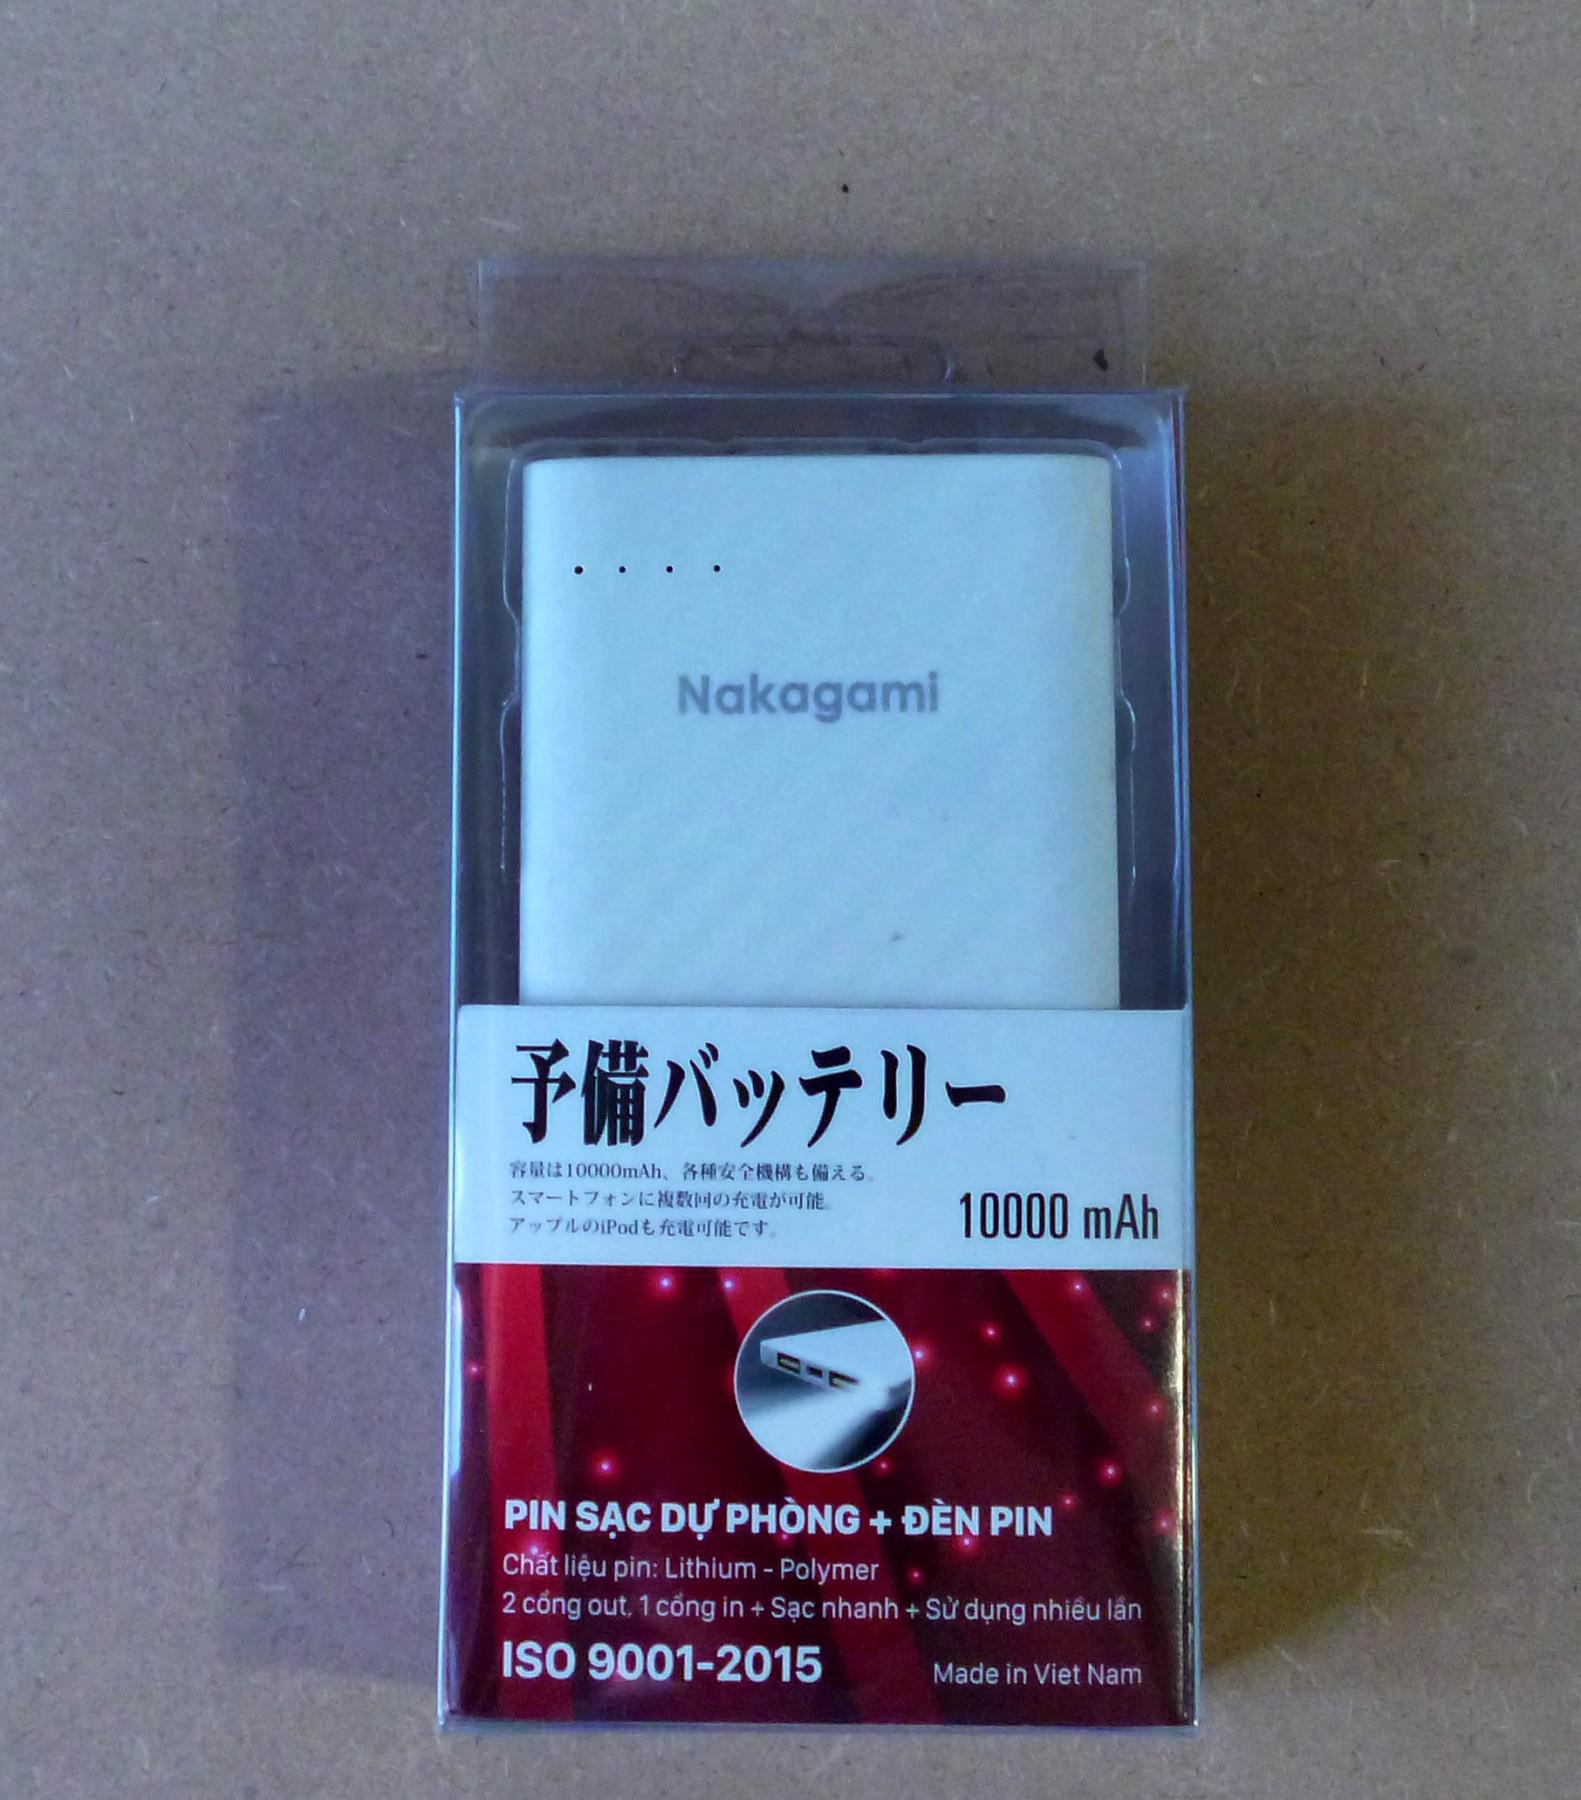 Pin sạc dự phòng Nakagami công nghệ Nhật Bản tích hợp đèn Flash  5000 - 10000 mAh -  2 cổng sạc (1 sạc nhanh) - Hàng chính hãng - Màu ngẫu nhiên